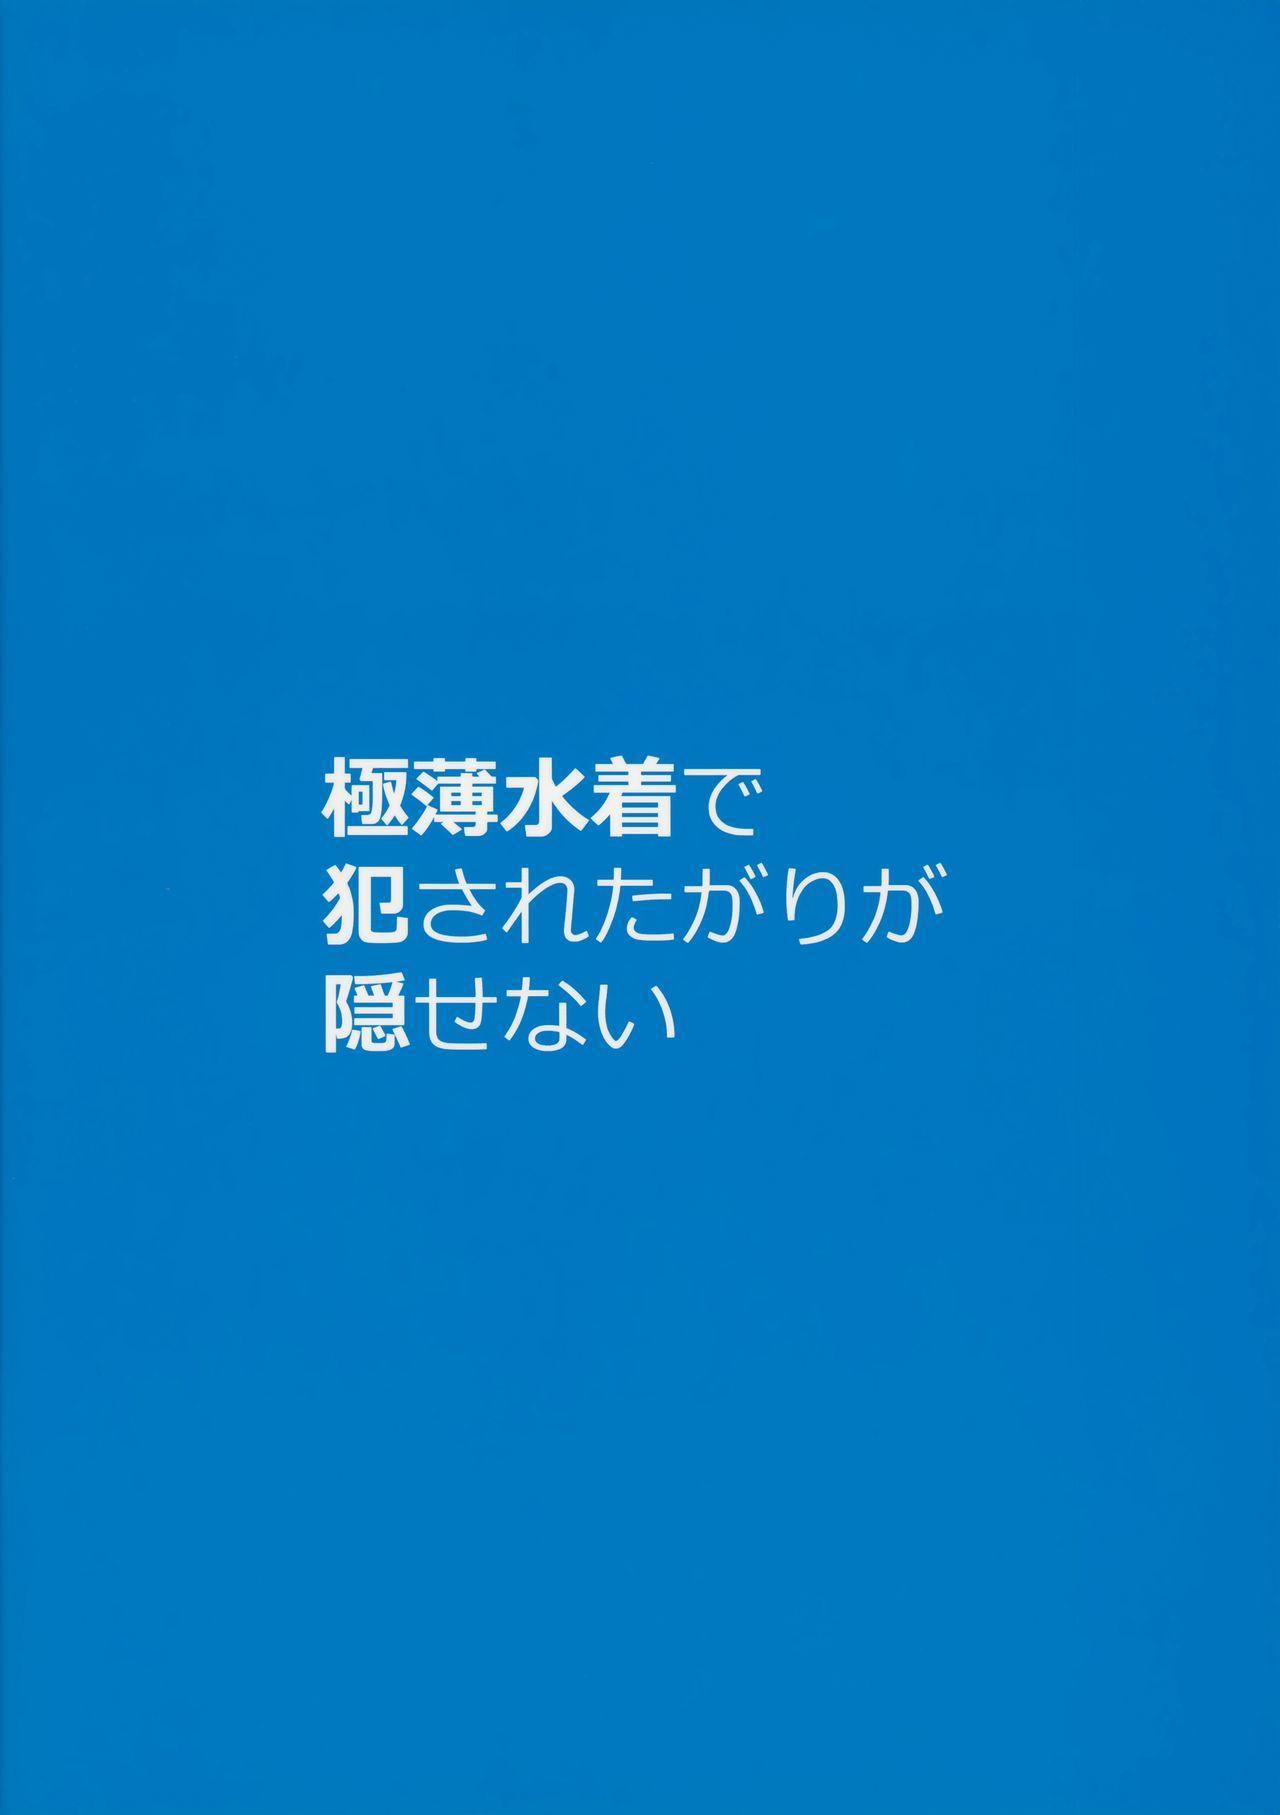 Gokuusu Mizugi de Okasaretagari ga Kakusenai Vol.2 15